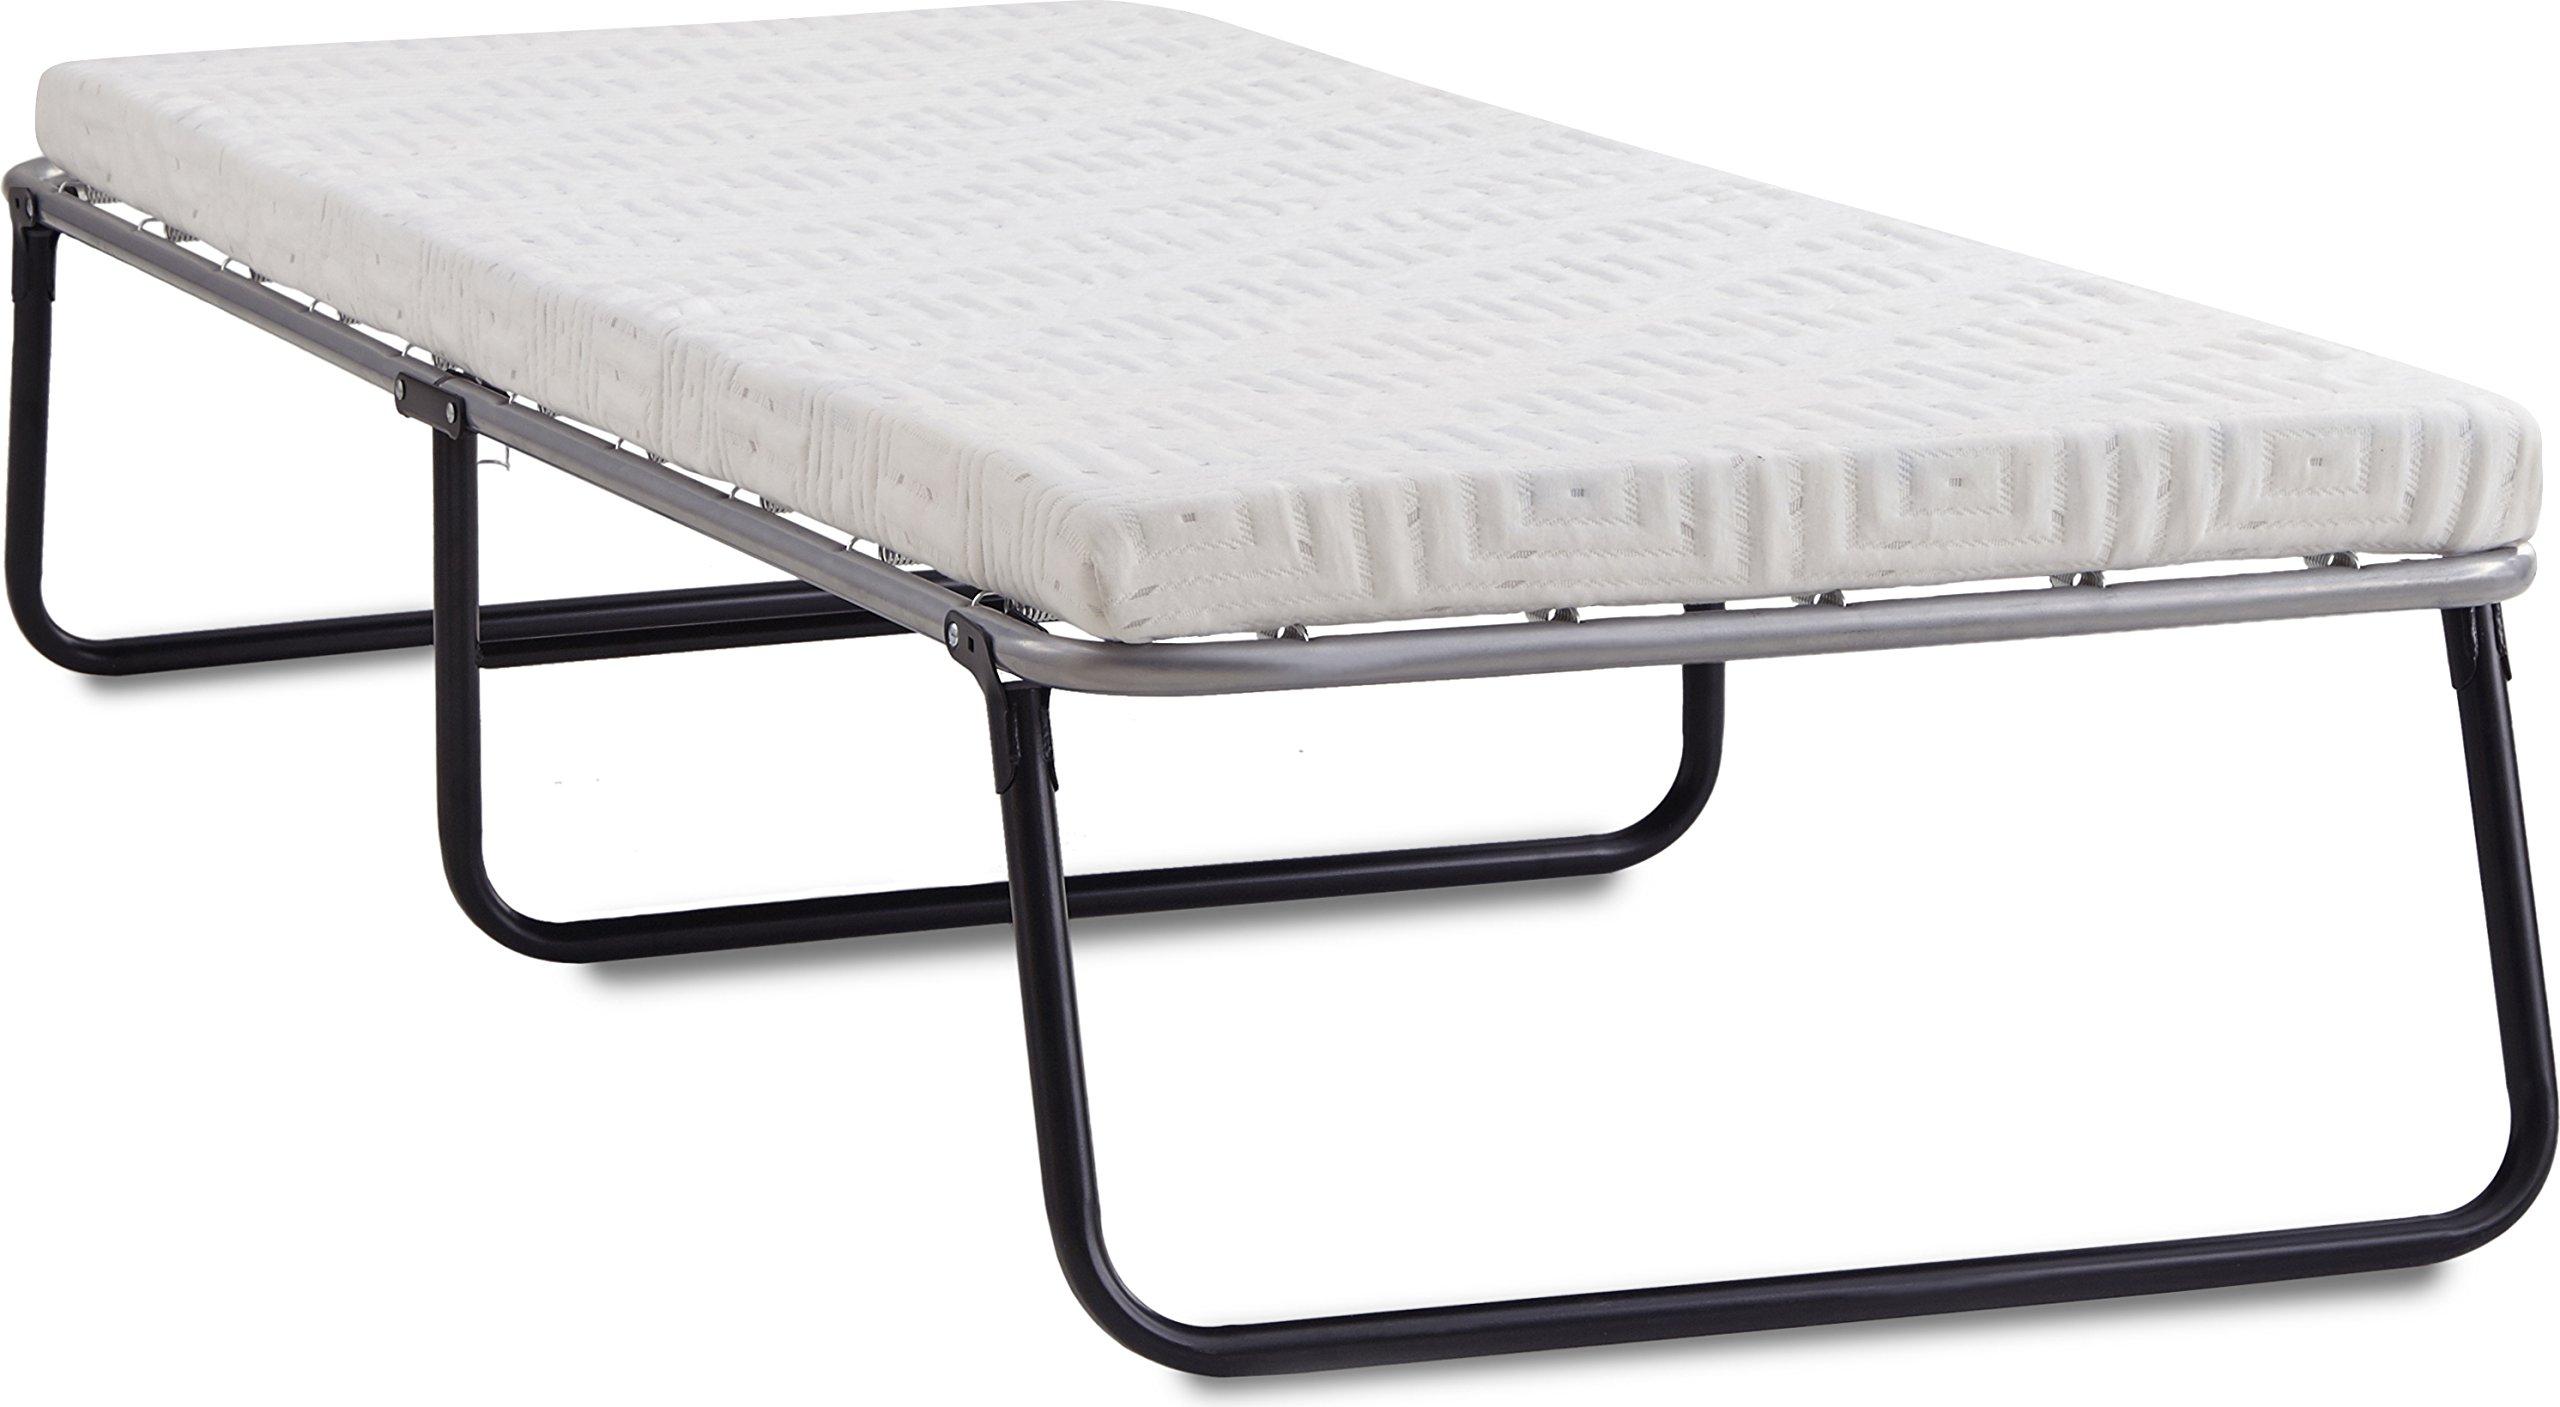 Broyhill Foldaway Guest Bed: Folding Steel Frame with Gel Memory Foam Mattress, 3'' Twin